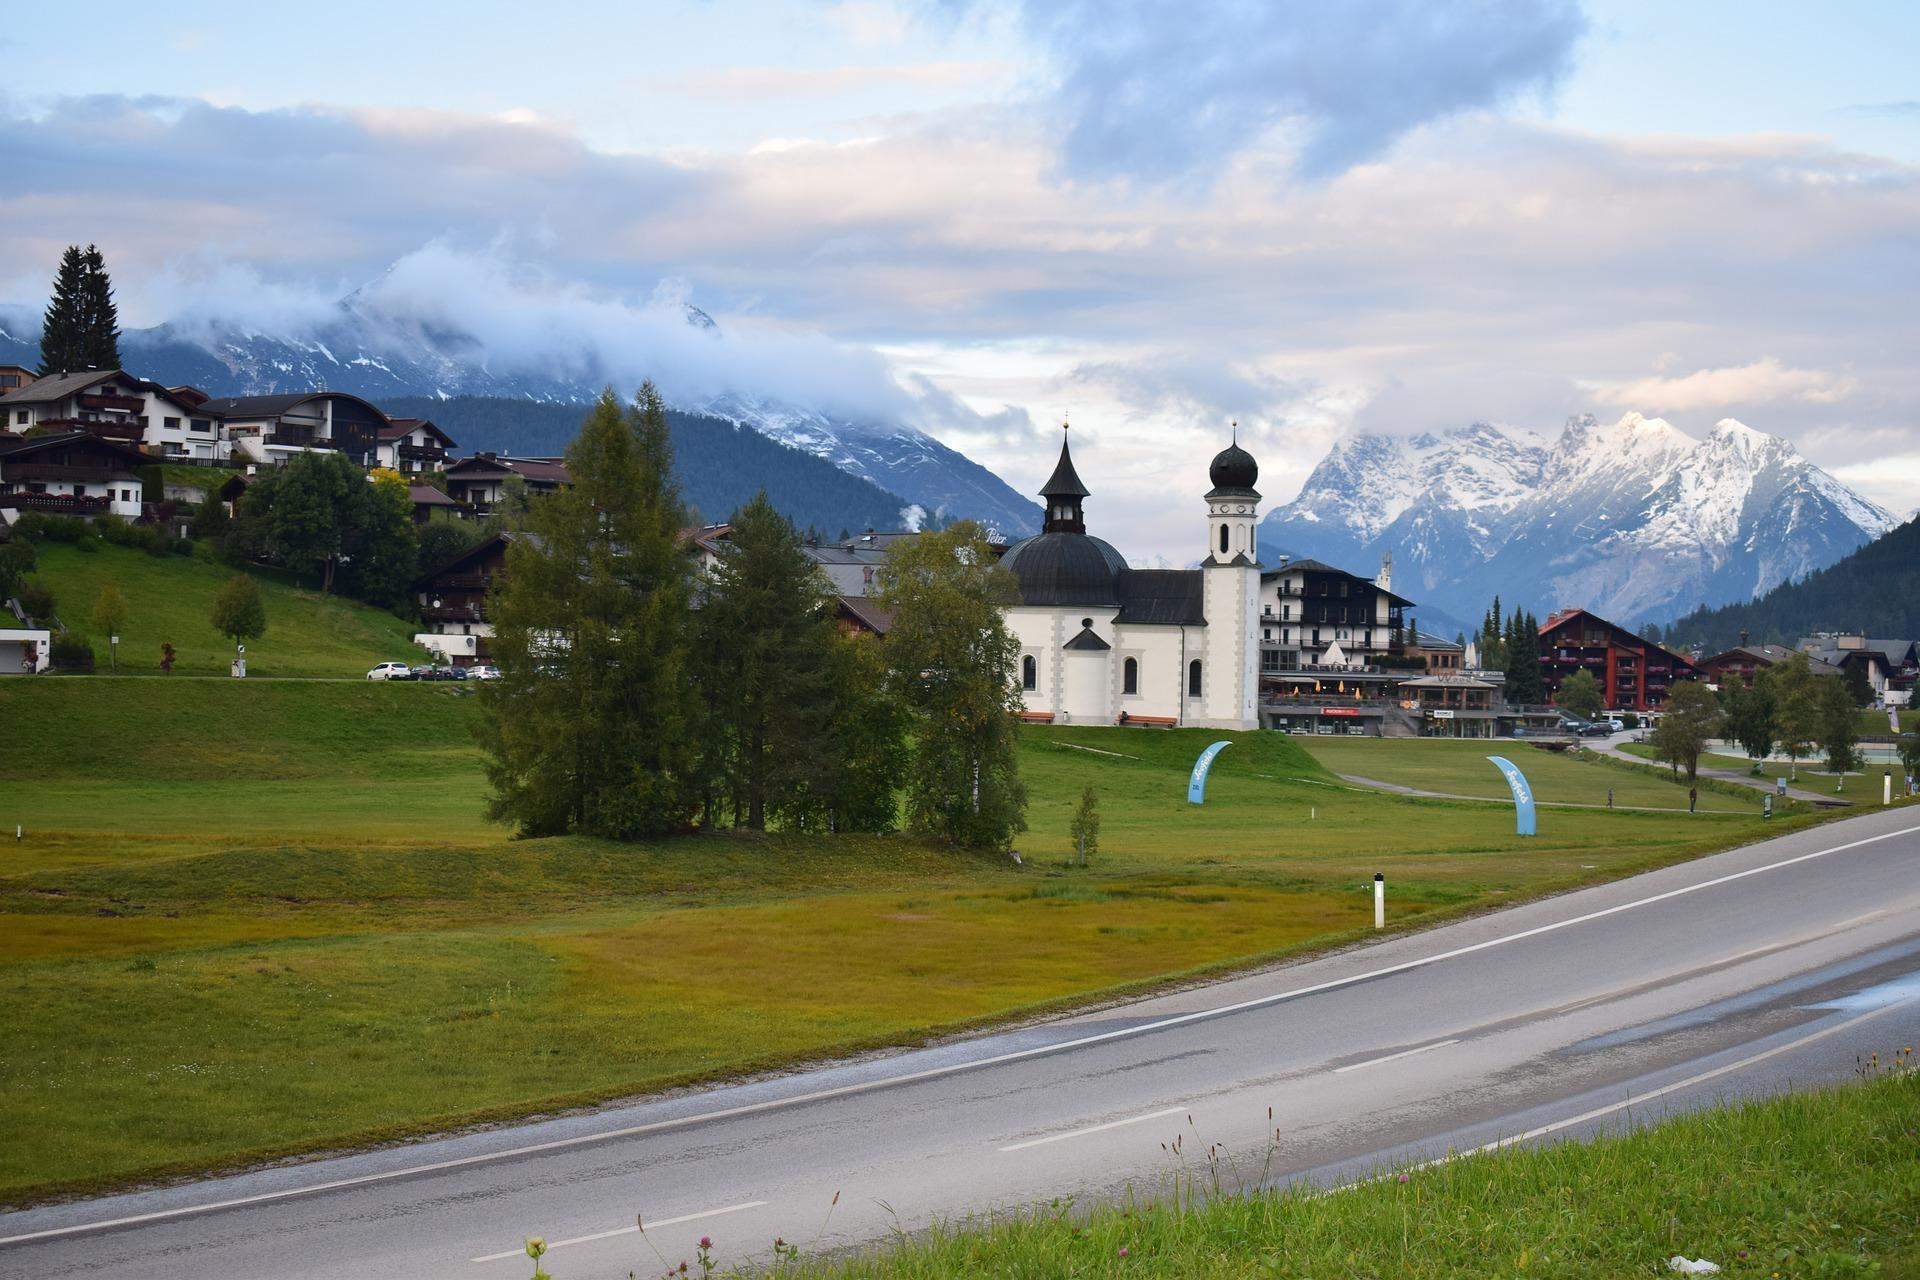 Austria 5388101 1920